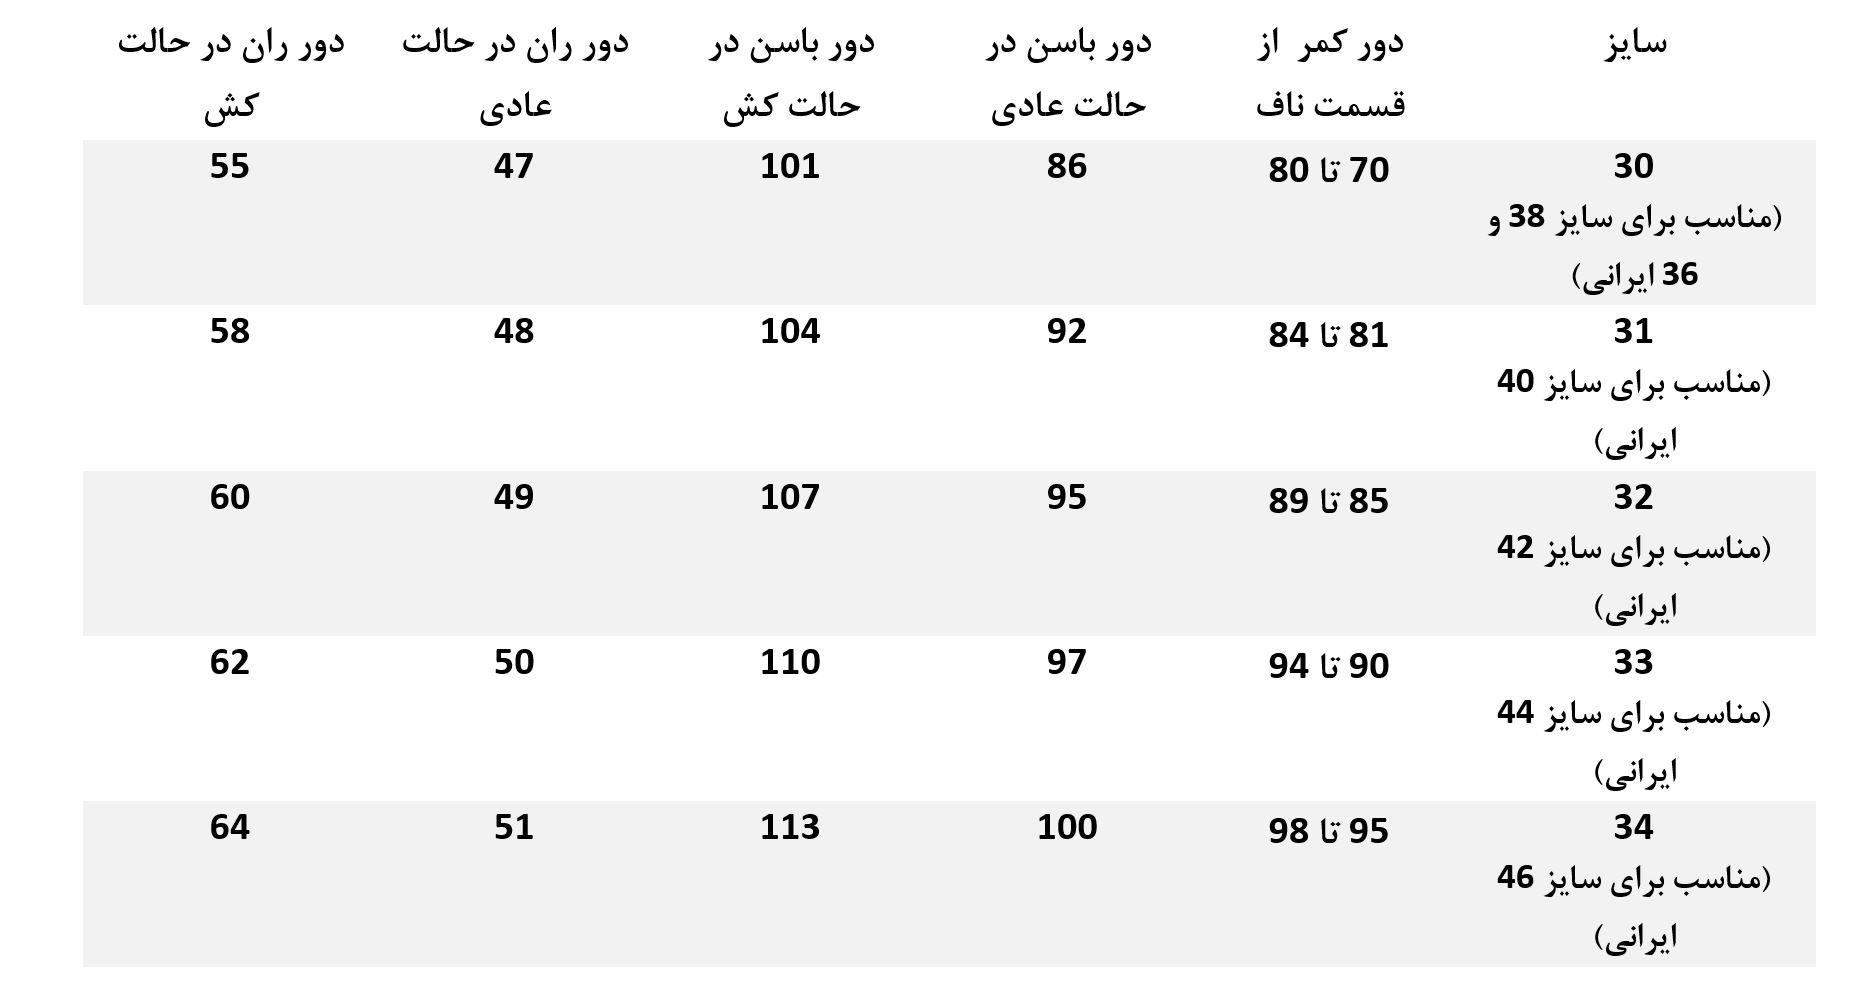 جدول سایز 36 تا 46